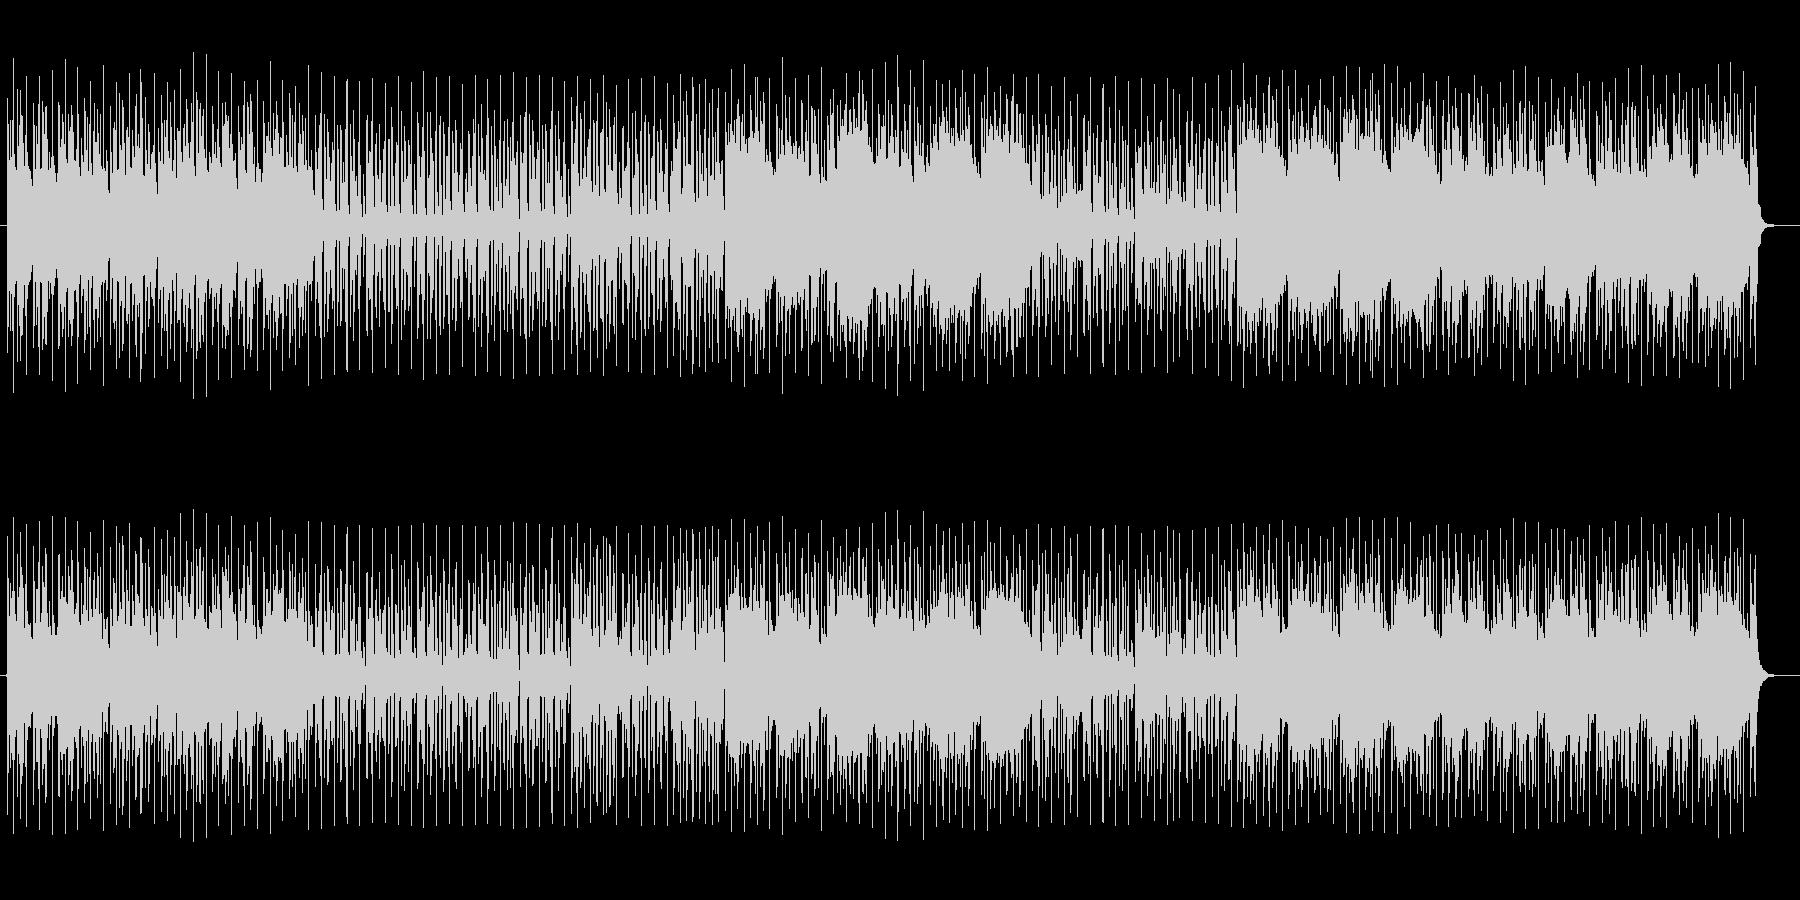 リズミカルなテクノポップの未再生の波形